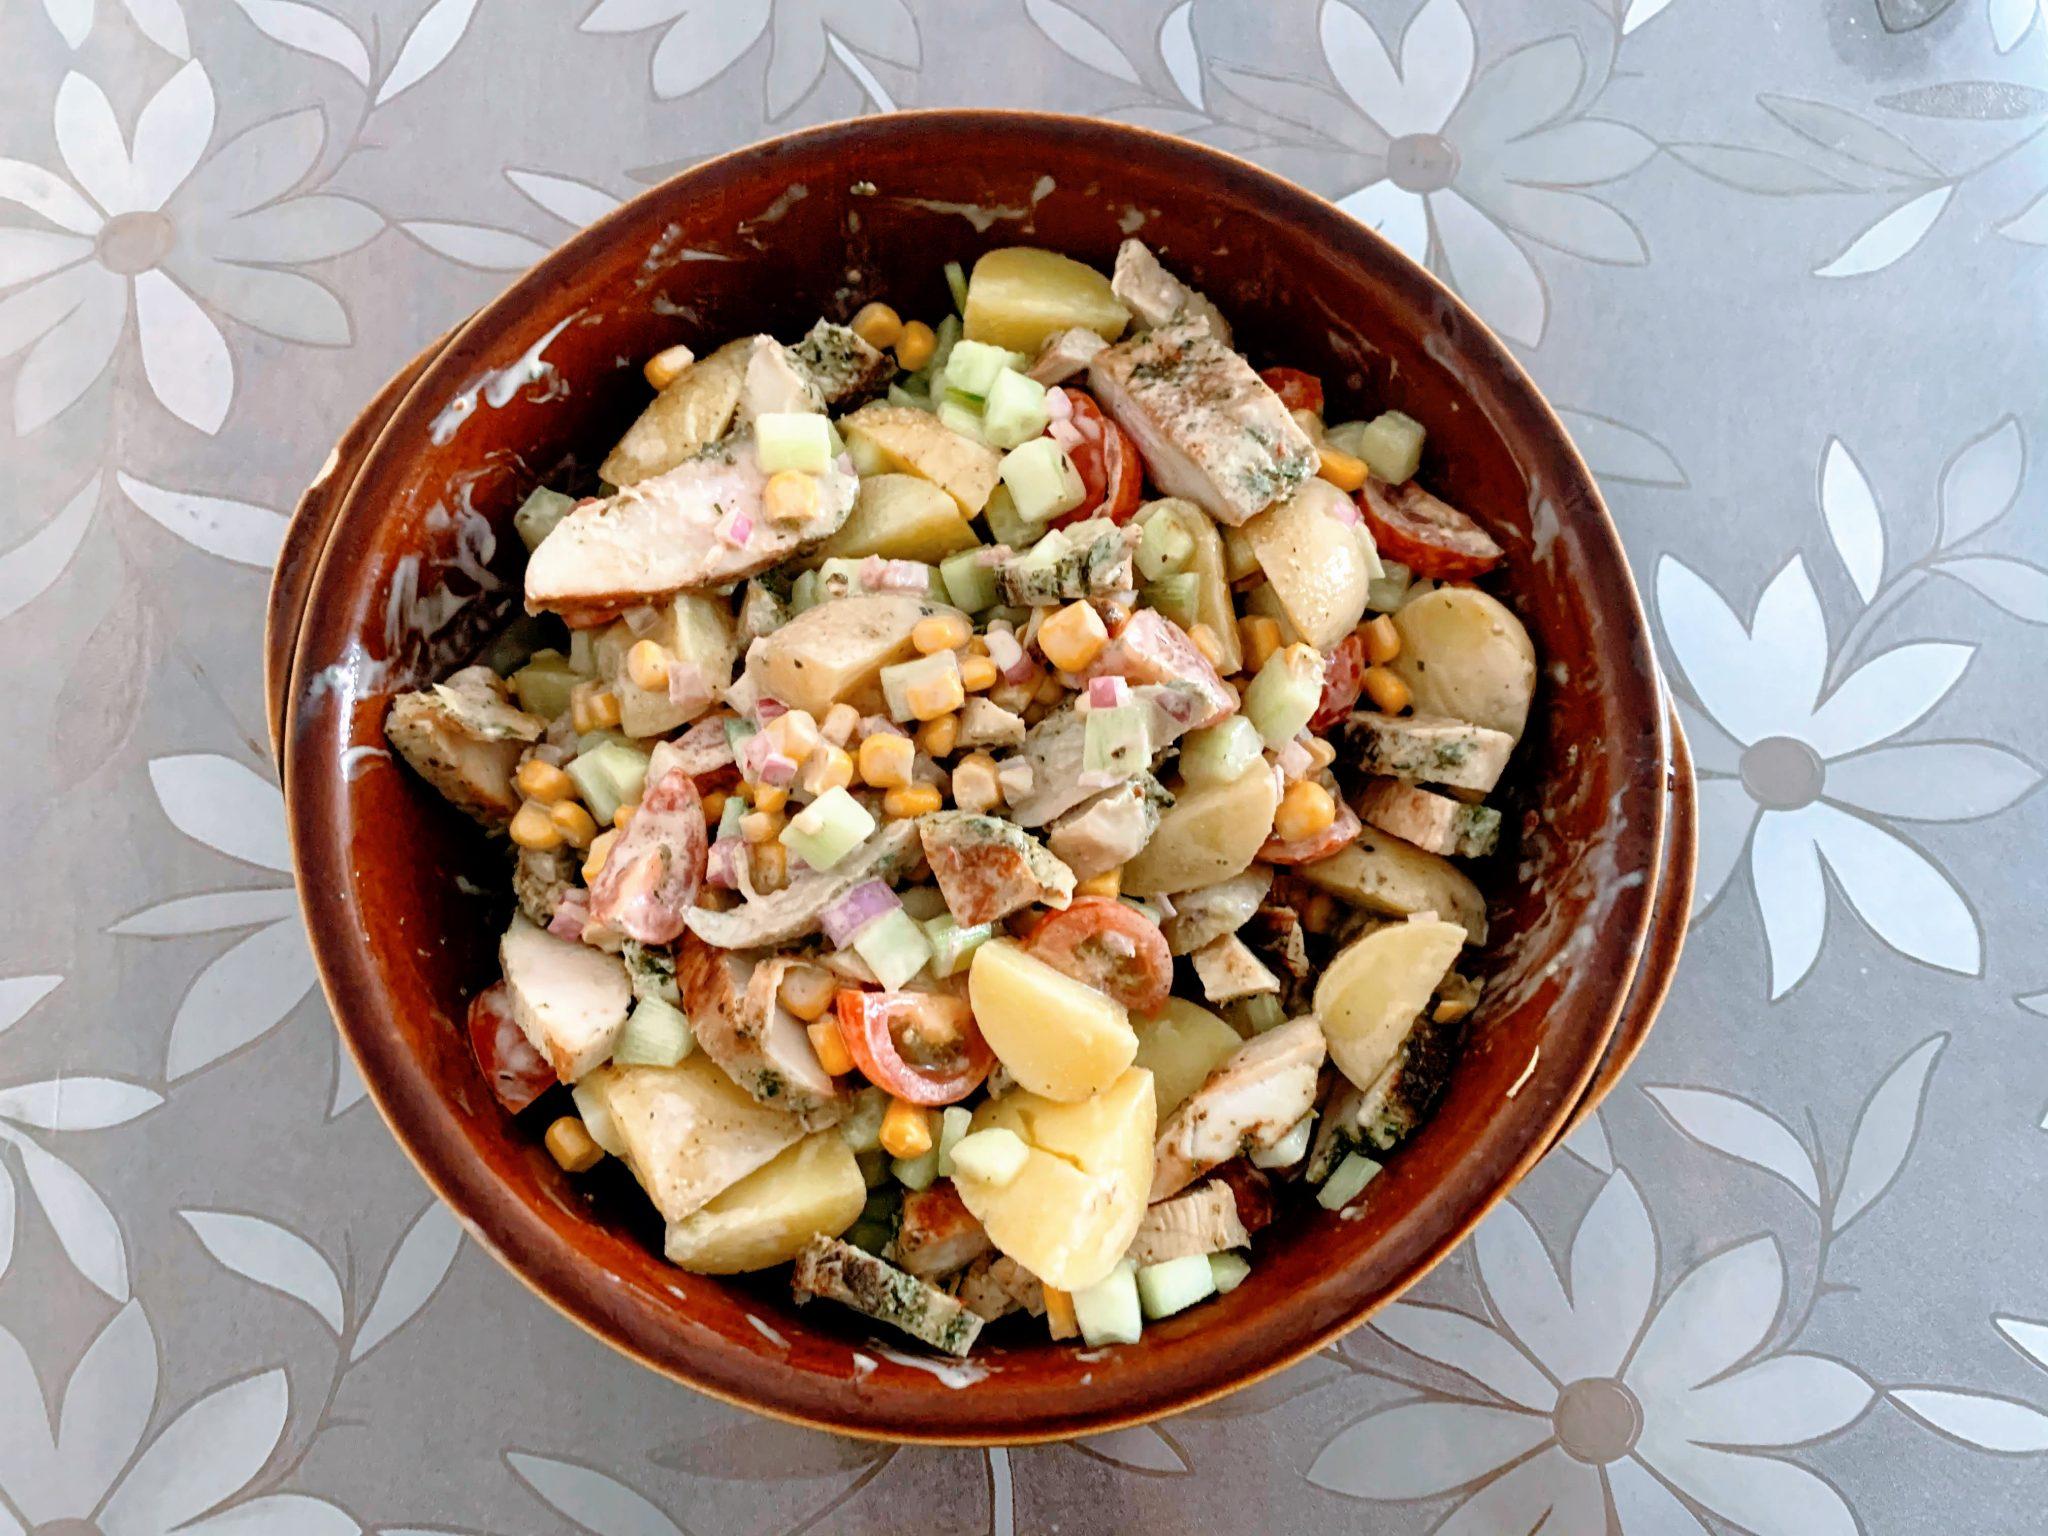 IMG 1974 scaled - Salade de grenailles & poulet aux épices méditerranéennes